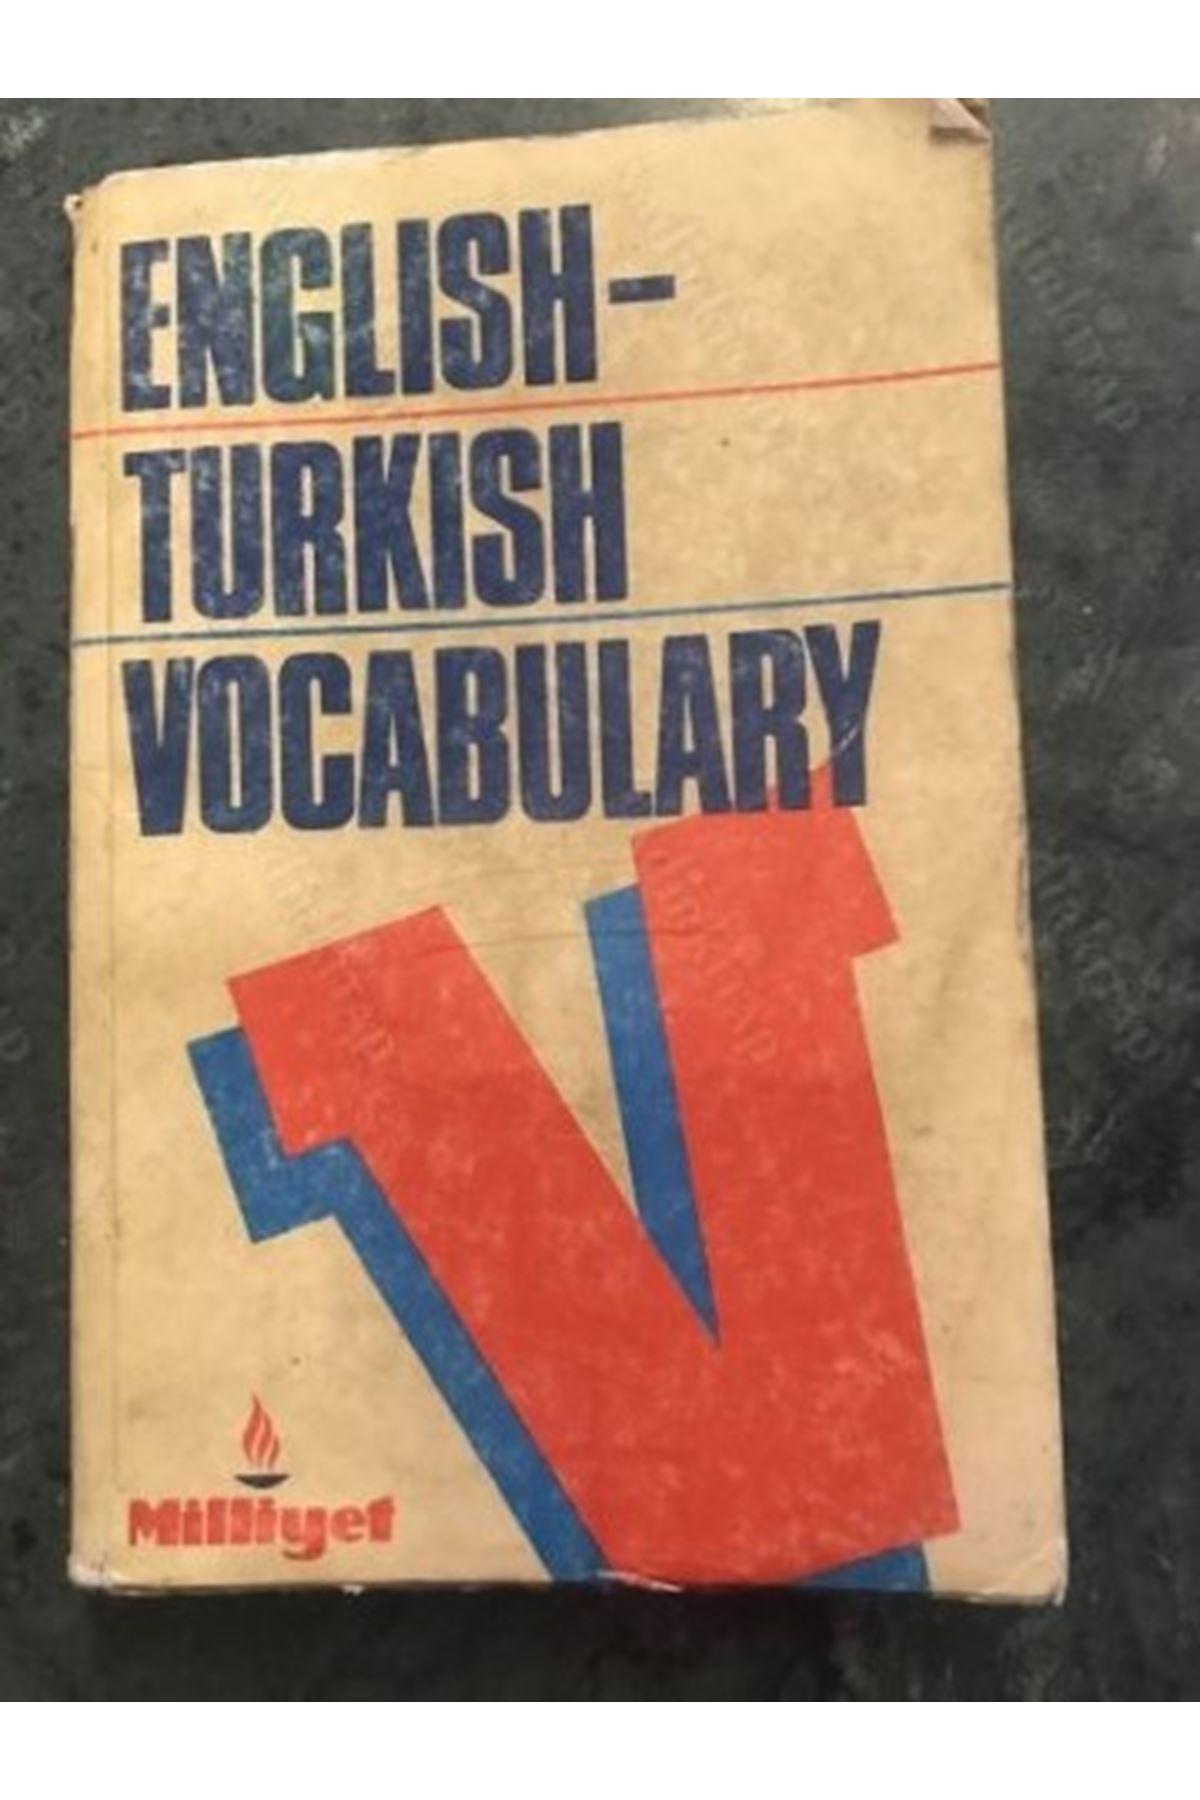 ENGLISH TURKISH VOCABULARY